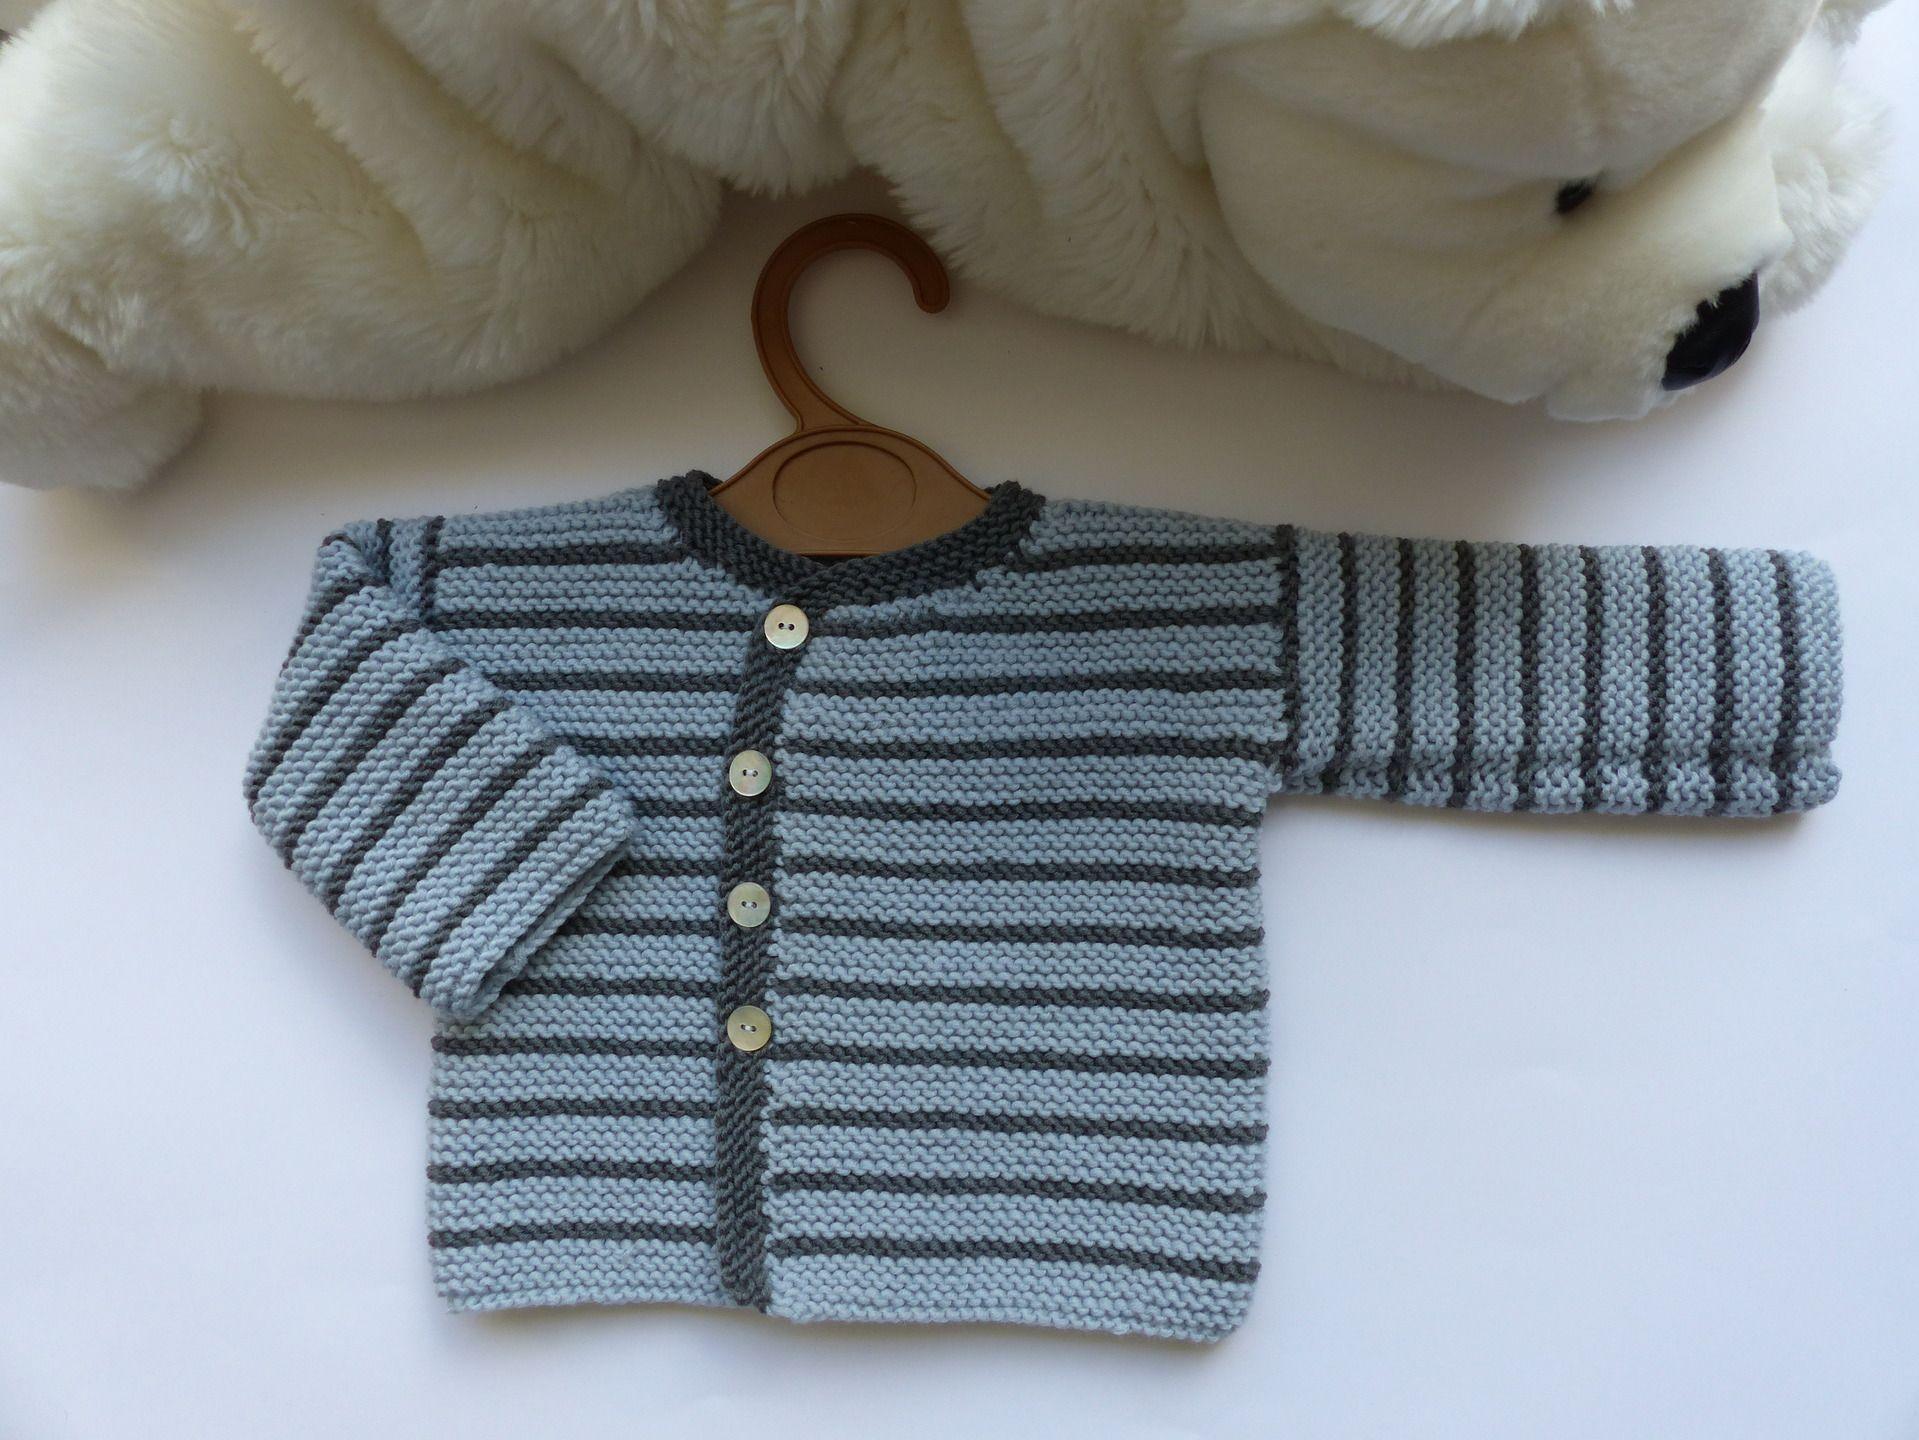 694723486e87 Brassière ou gilet bébé garçon, tricoté main, taille 1 mois 3 mois, 100%  laine naturelle (mérinos), trousseau bébé   Mode Bébé par bbgreen